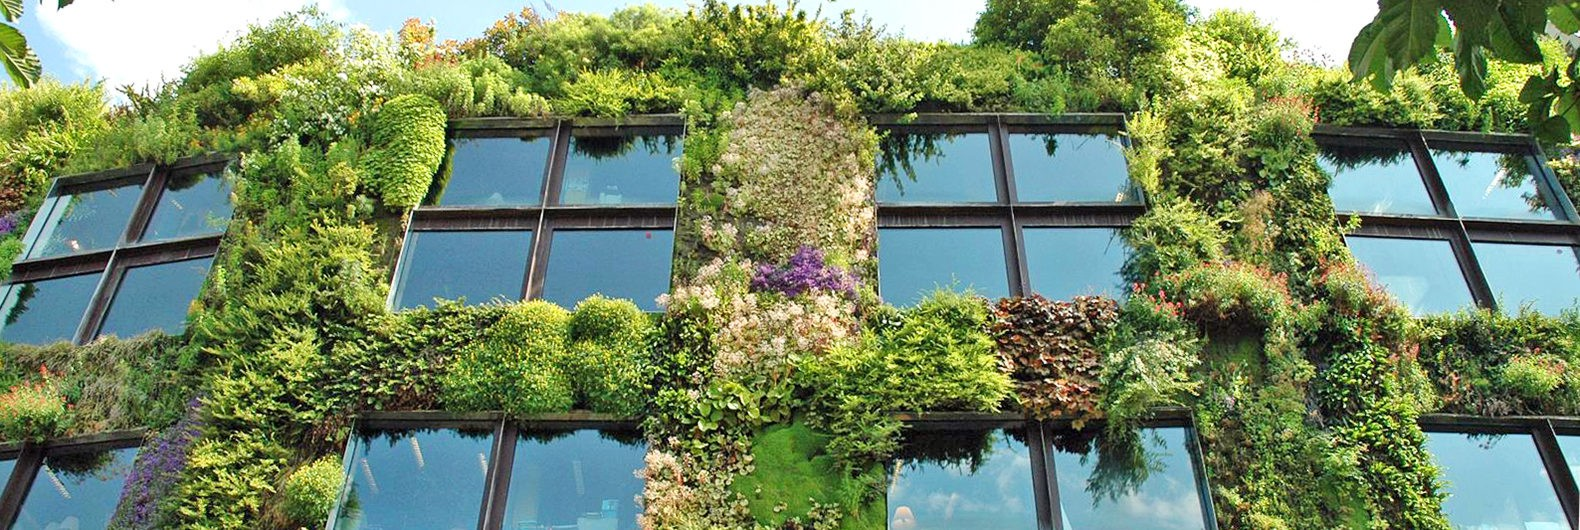 urban garden.jpg